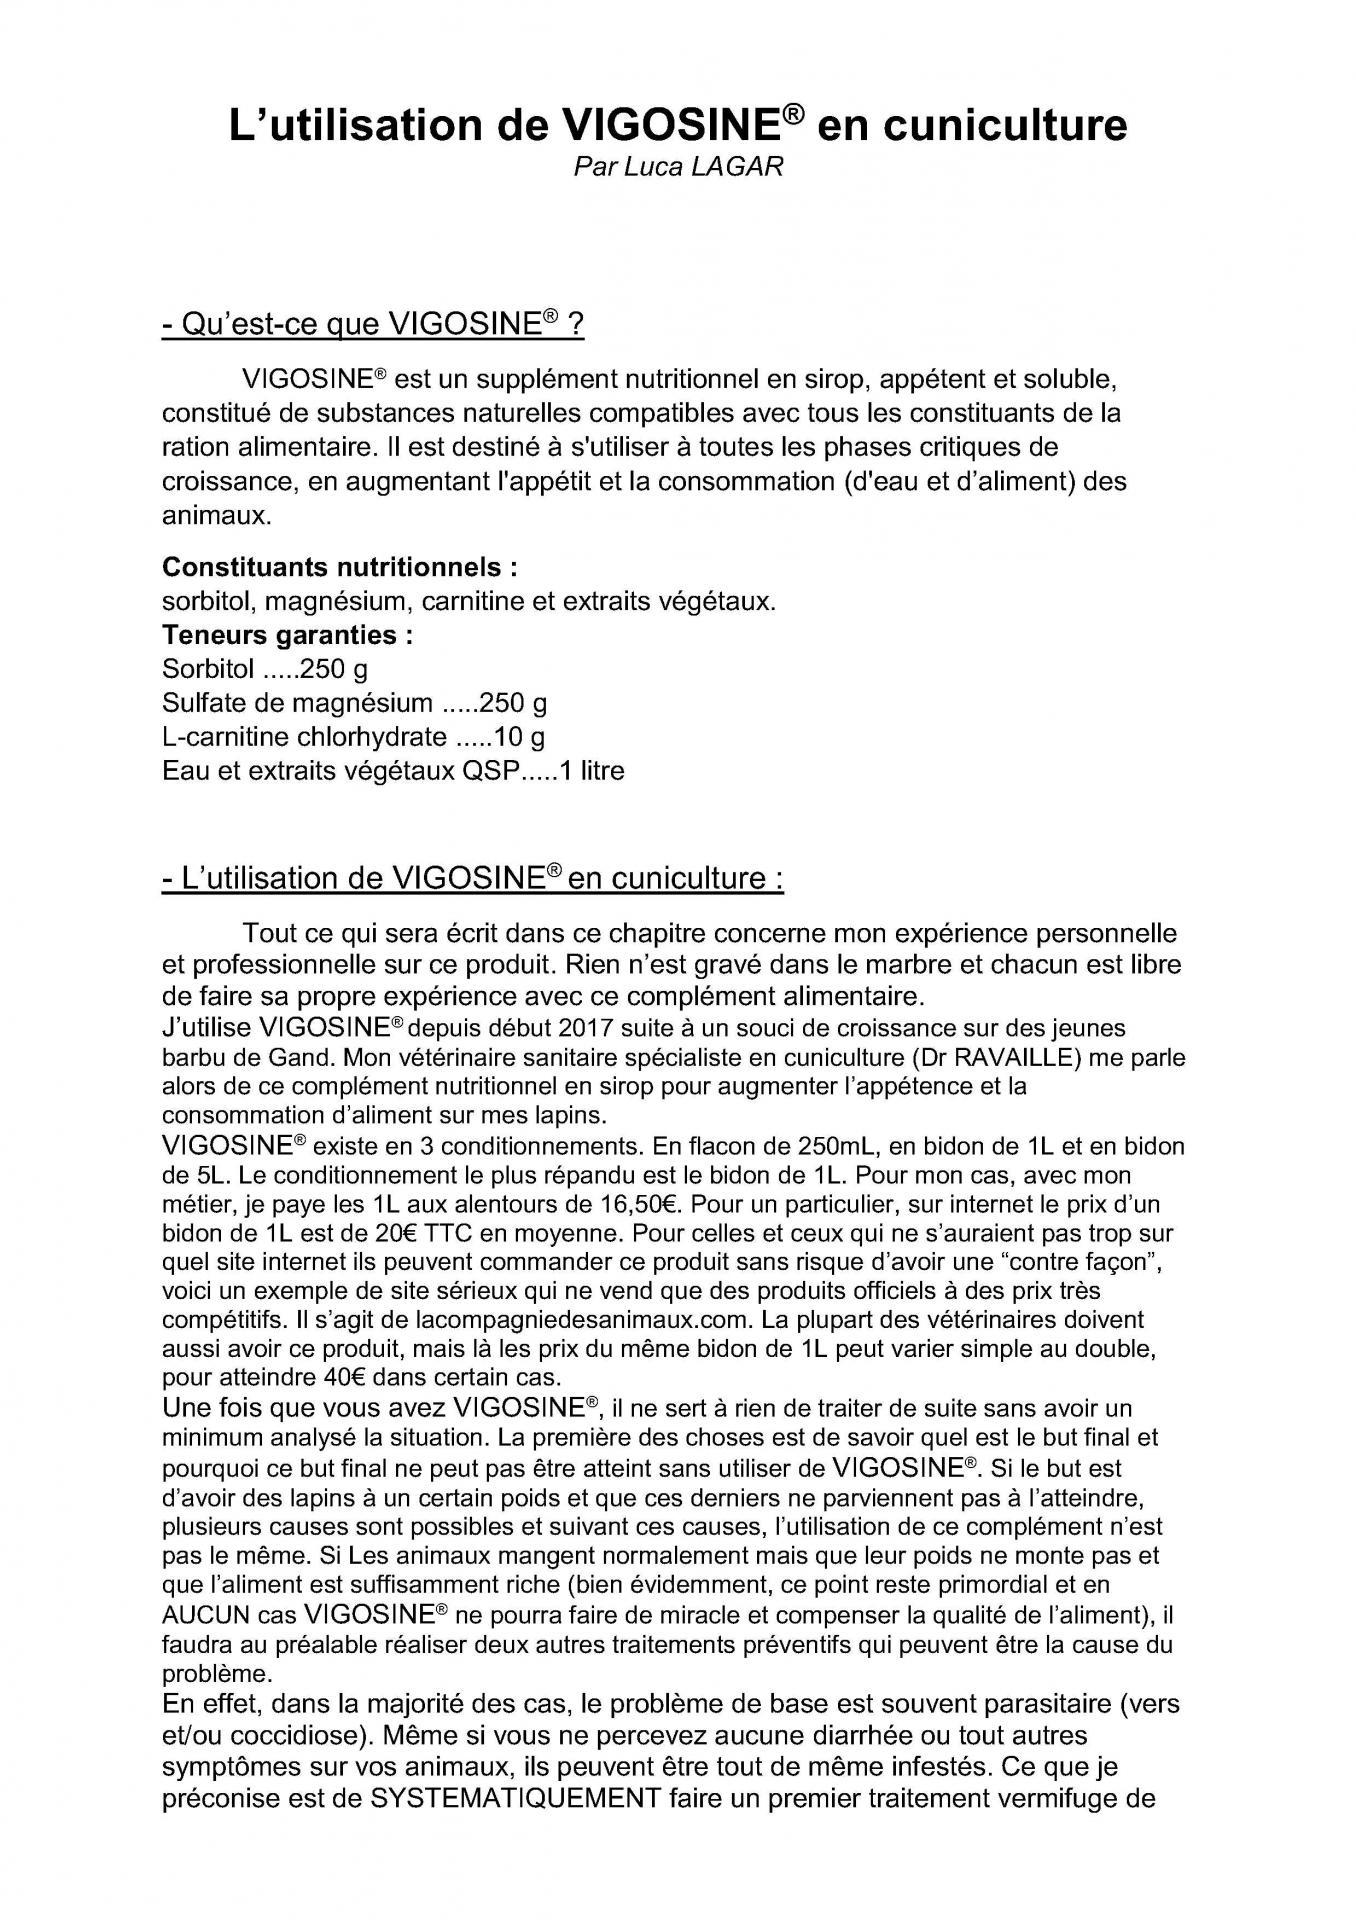 Article vigosine 1